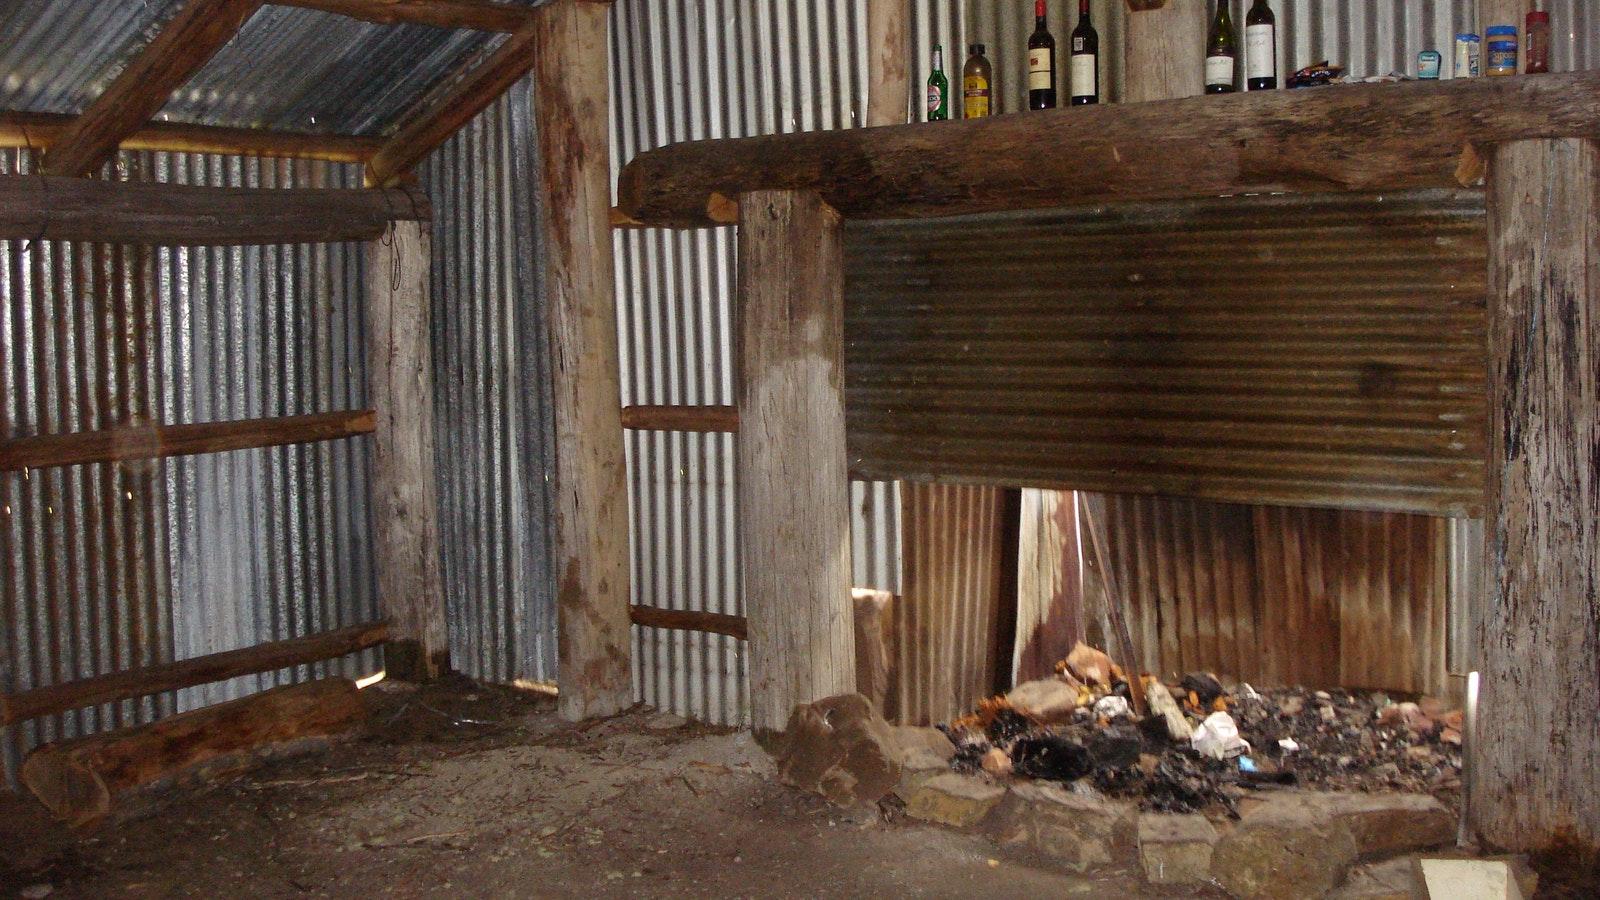 Lovicks Hut inside